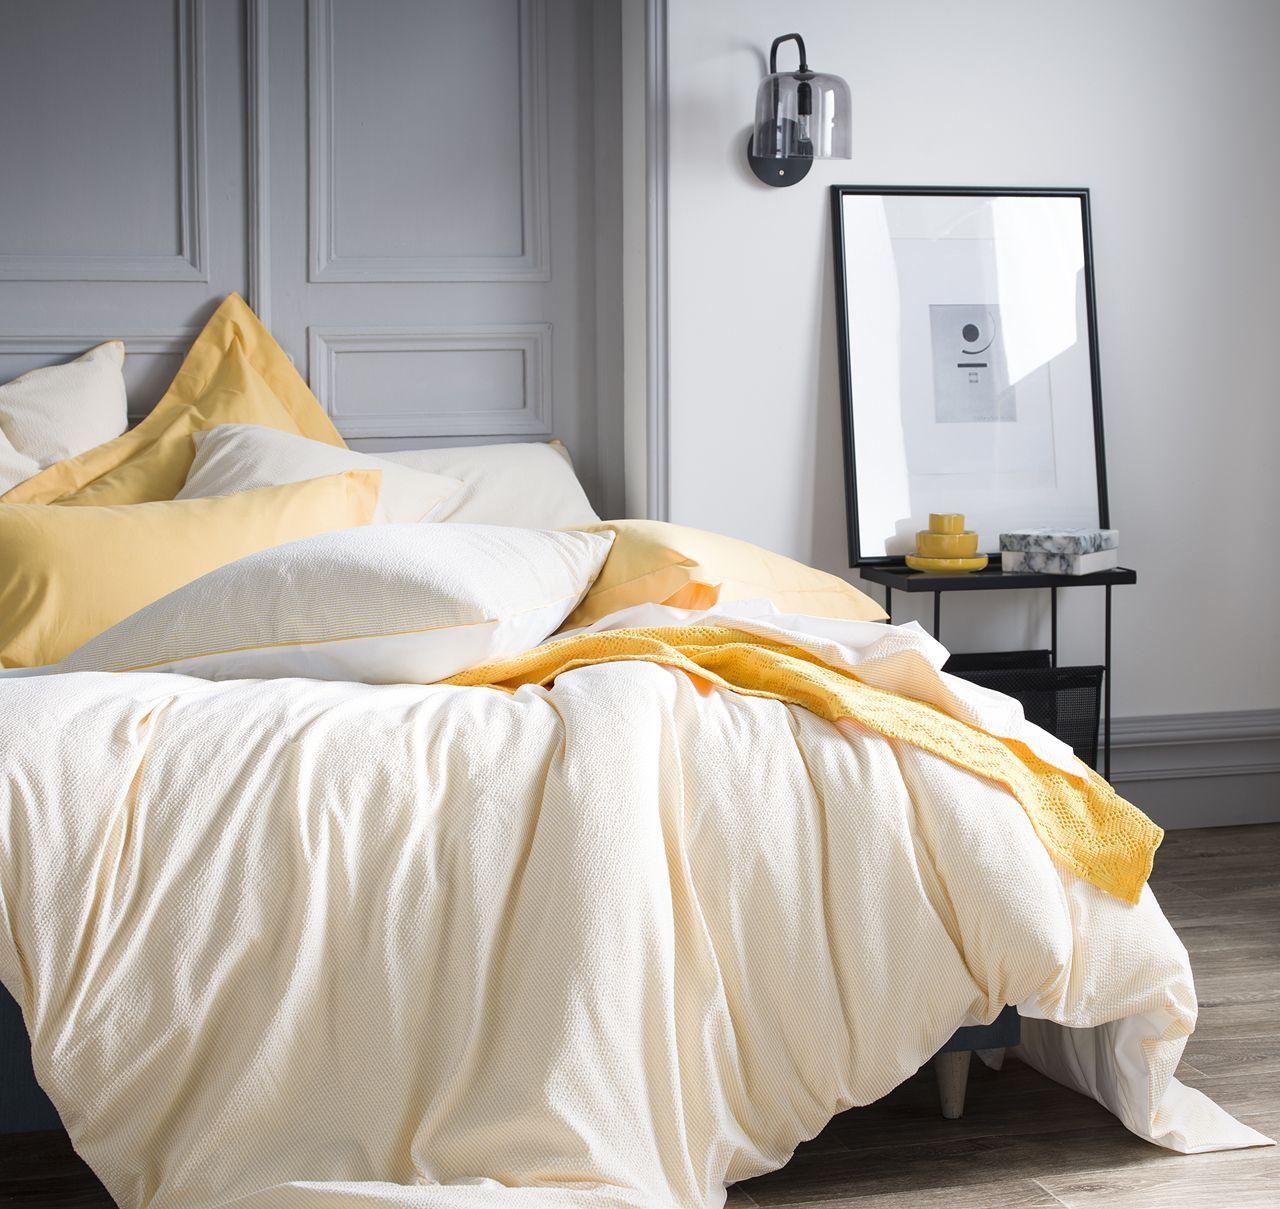 taie d 39 oreiller ray tempo jonquille coton seersucker percale 50x75 d co en orange et jaune. Black Bedroom Furniture Sets. Home Design Ideas